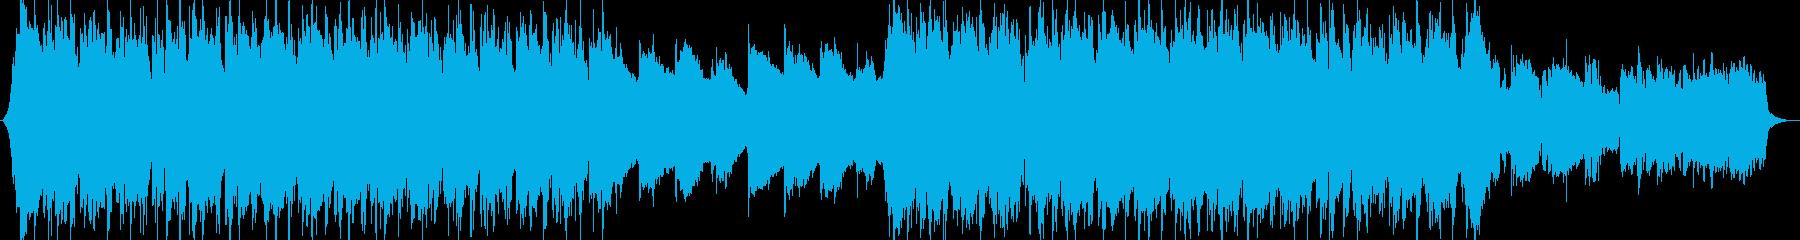 和風 笛の落ち着いた静かなバラードの再生済みの波形